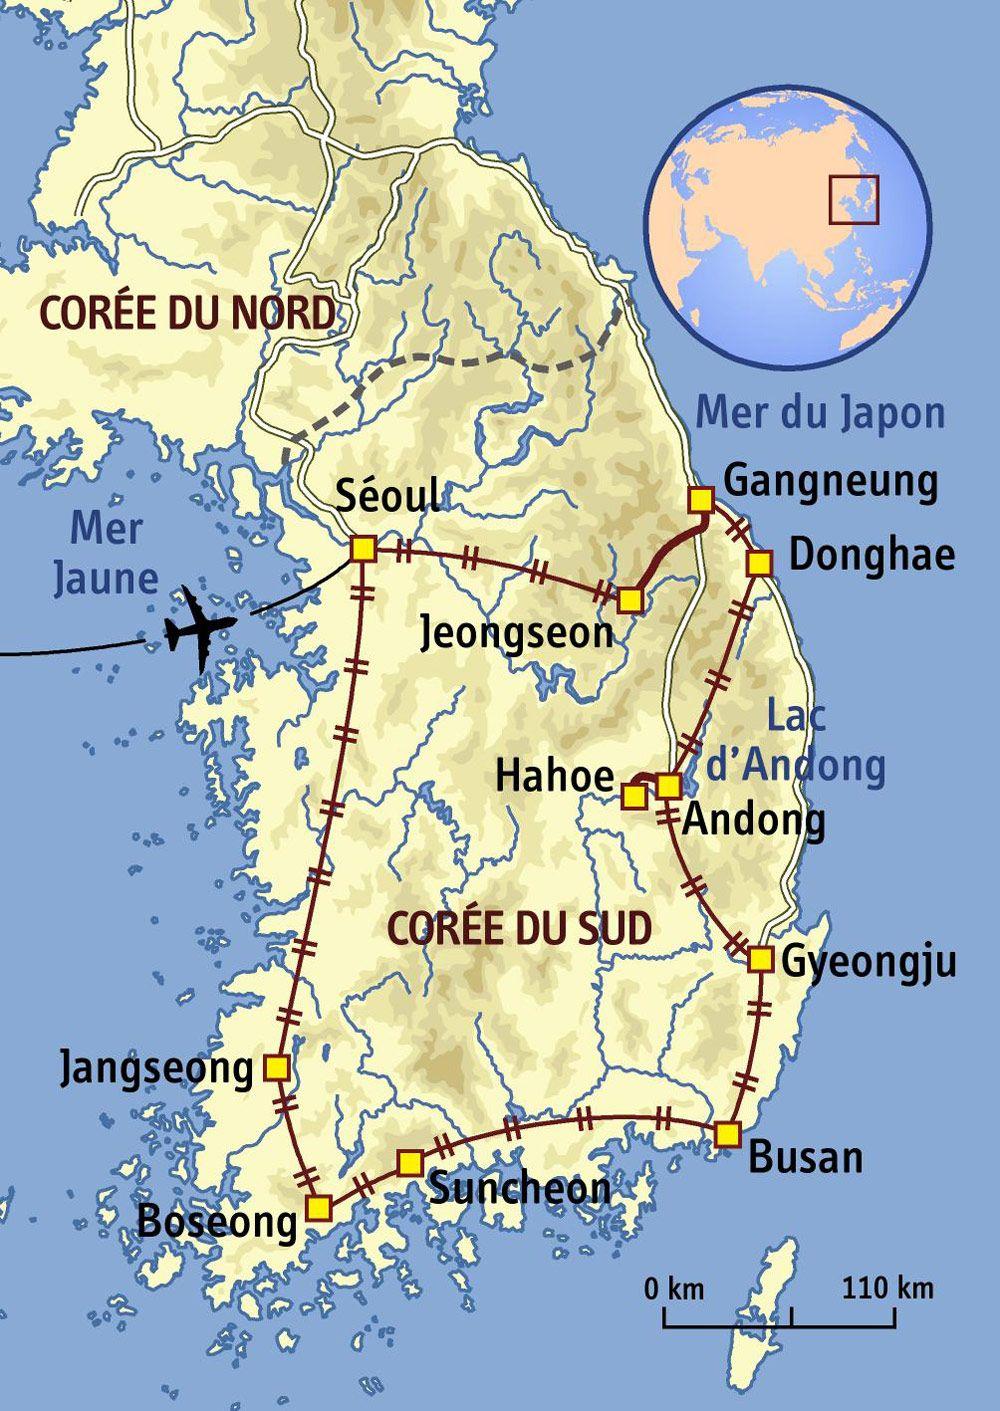 carte de corée du sud Carte Corée du Sud (avec images) | Corée du sud, Corée, Pays asie